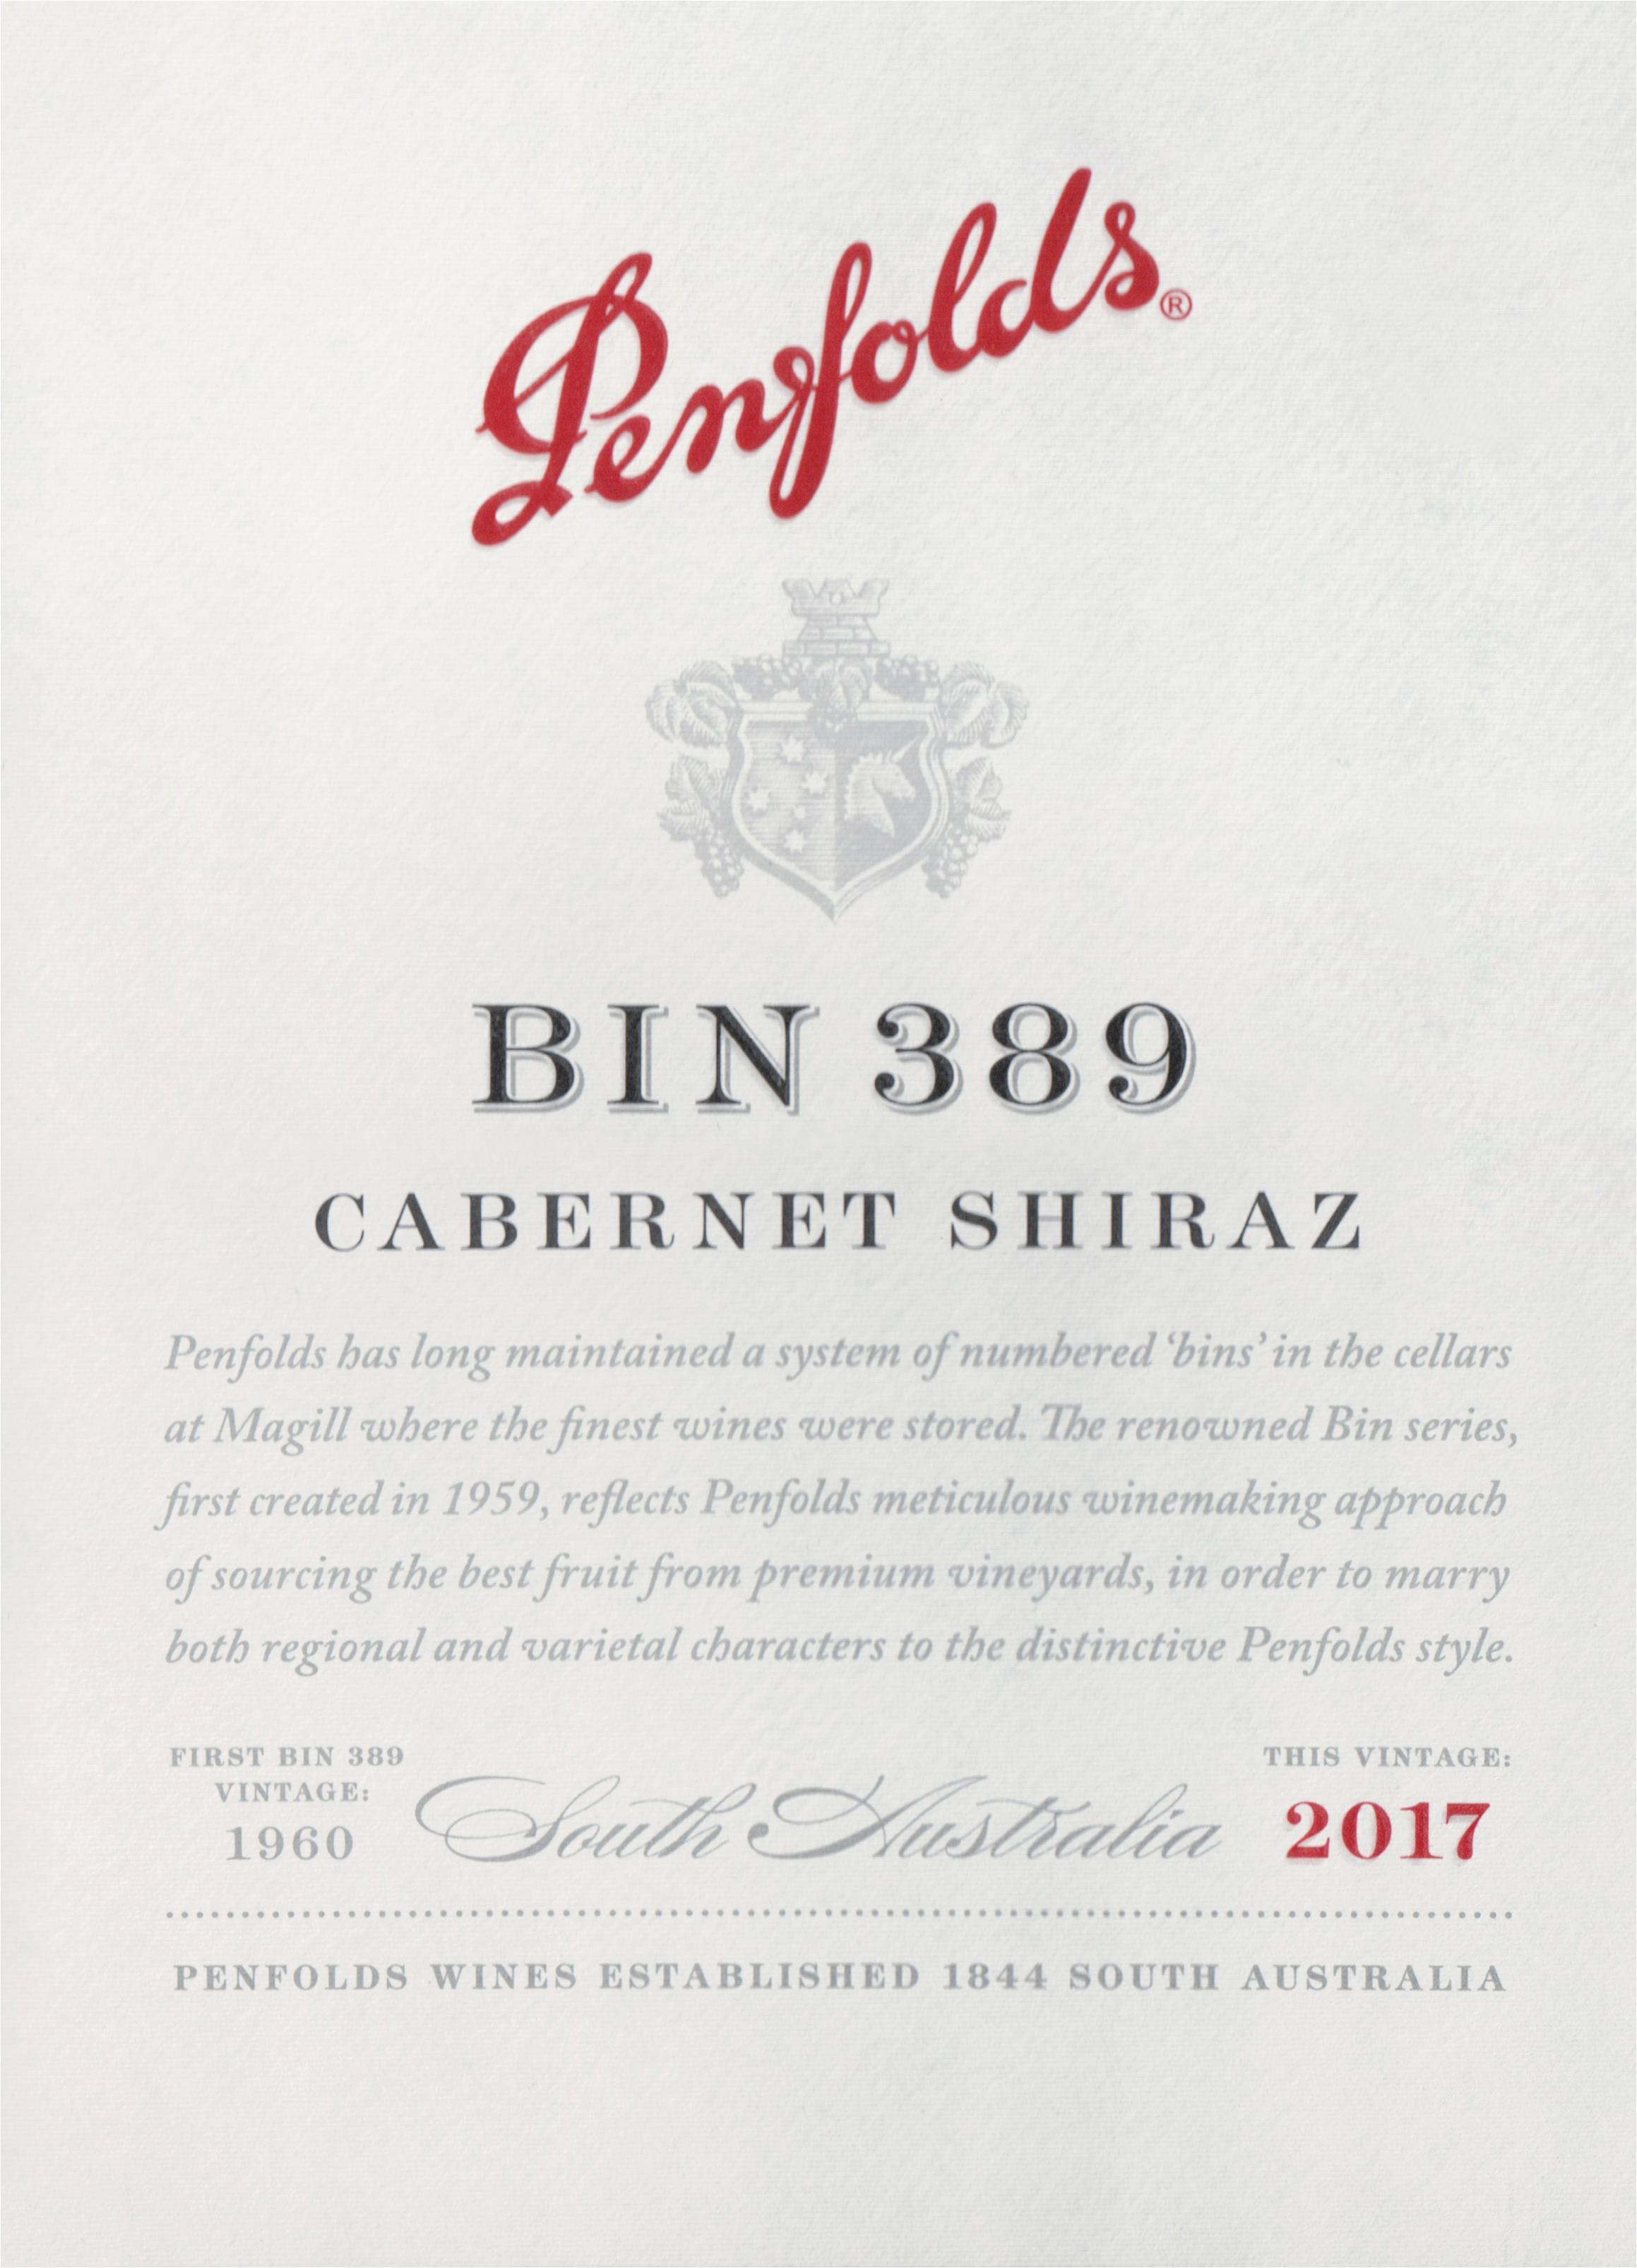 Penfolds Cab/Shiraz Bin 389 2017